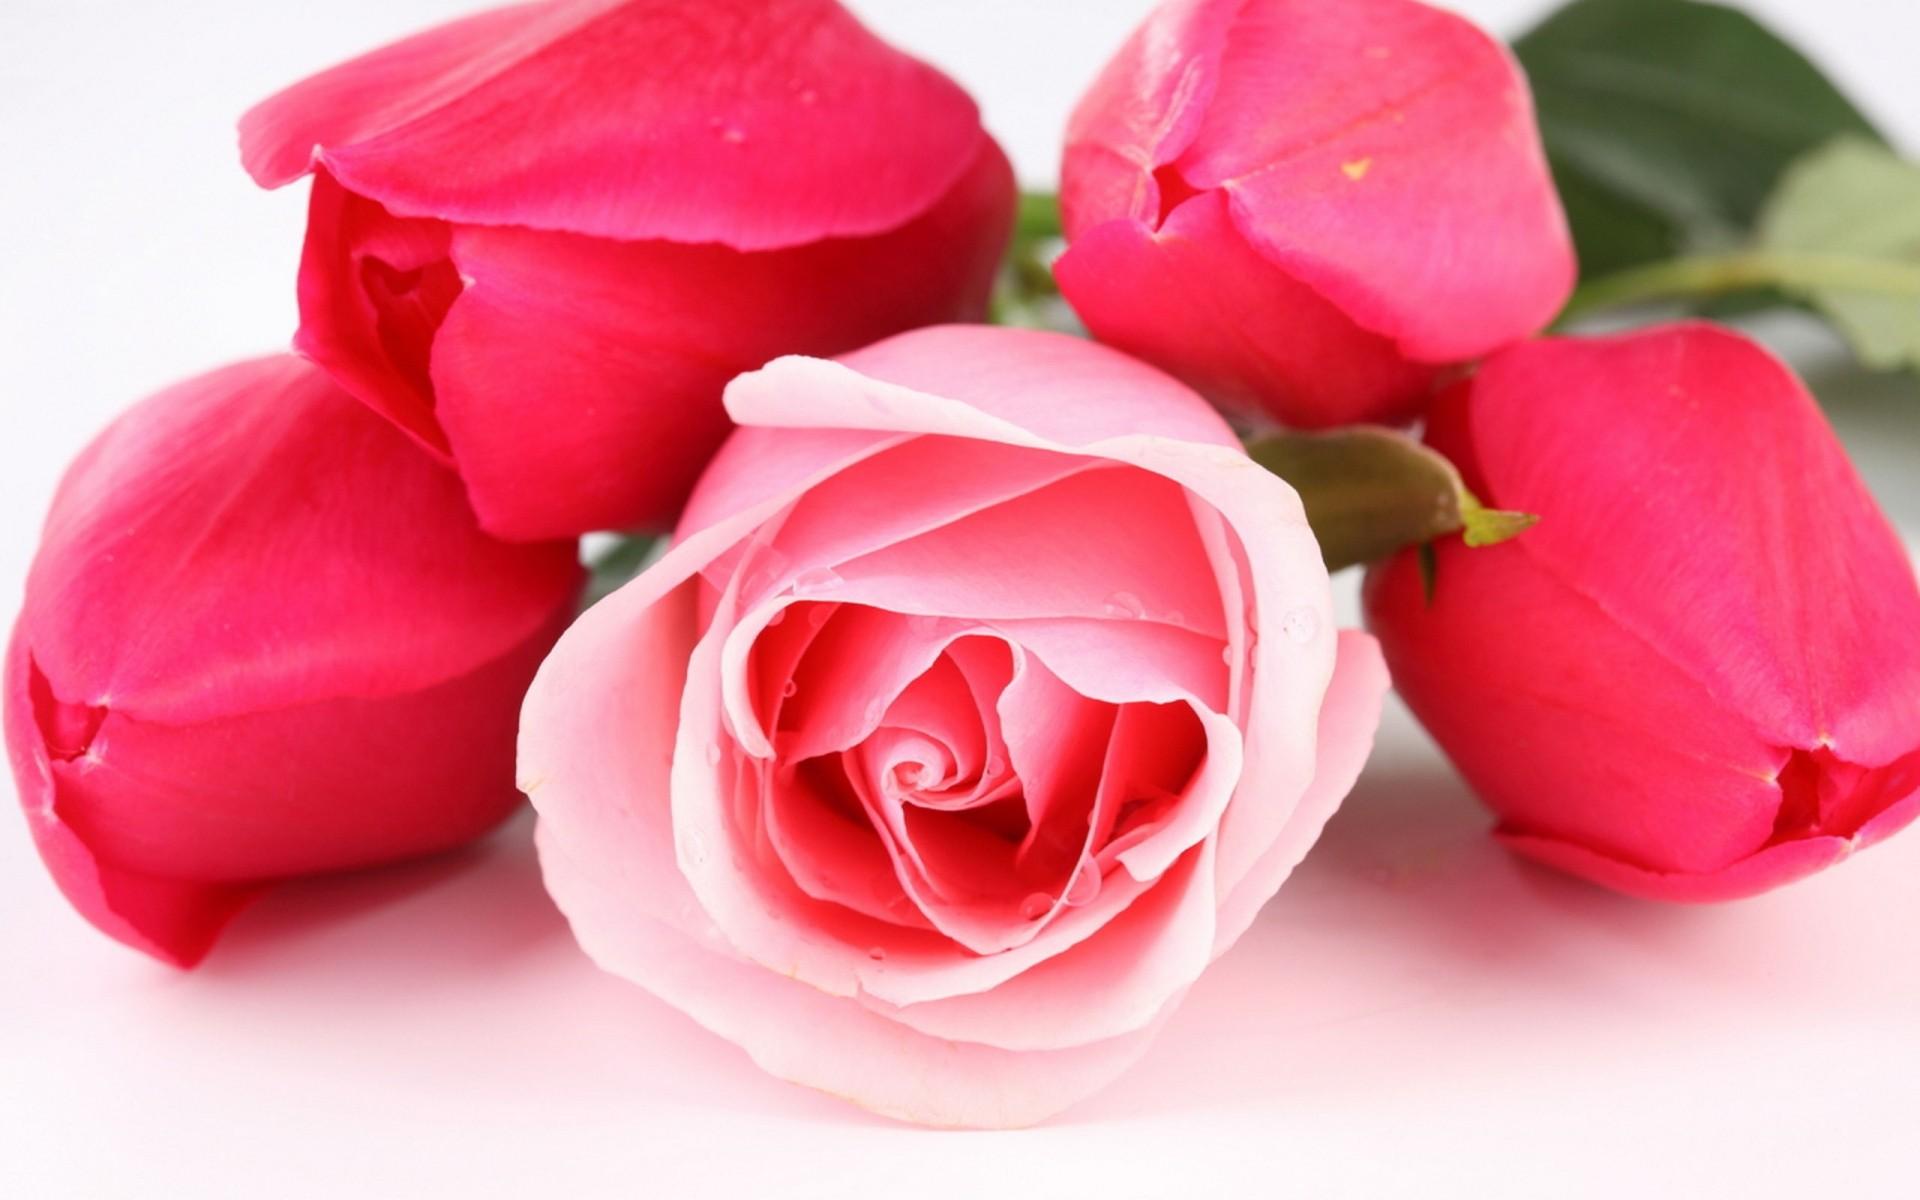 Красивые картинки с цветами для любимой